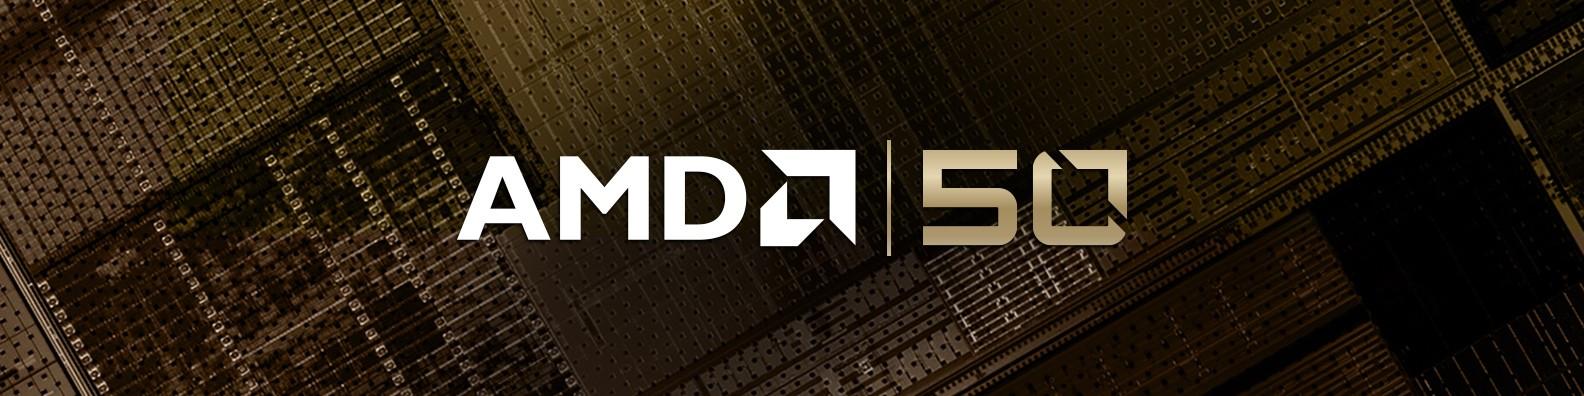 amd processor diagnostic tool (64-bit)